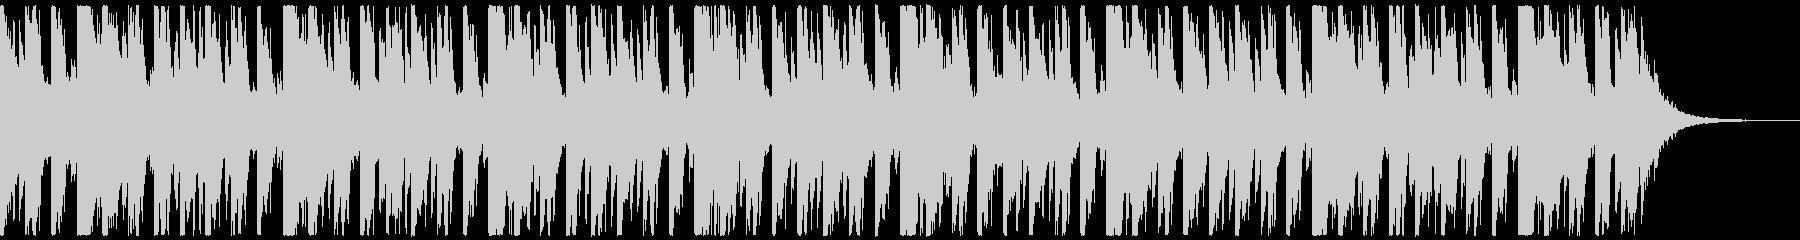 オシャ4つ打ち、スタイリッシュ雰囲気系1の未再生の波形